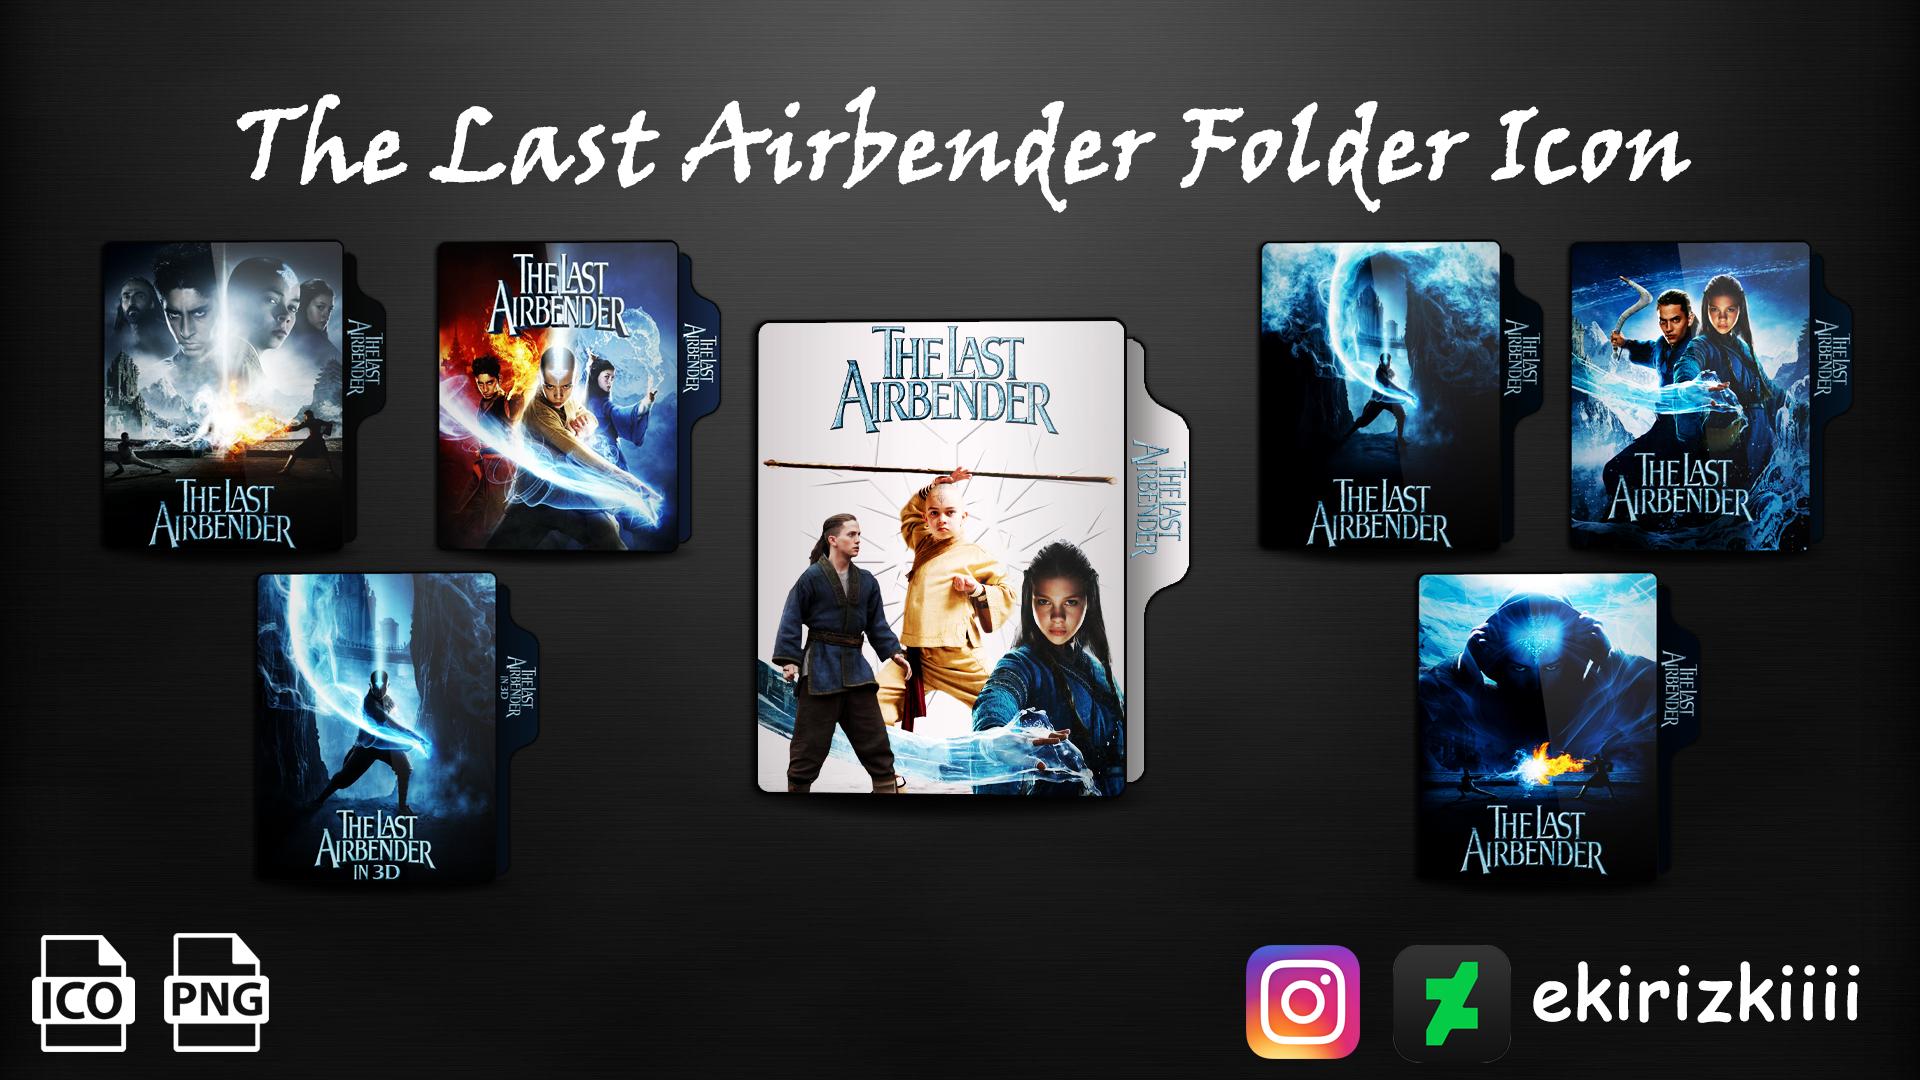 The Last Airbender 2010 Folder Icon By Ekirizkiiii On Deviantart